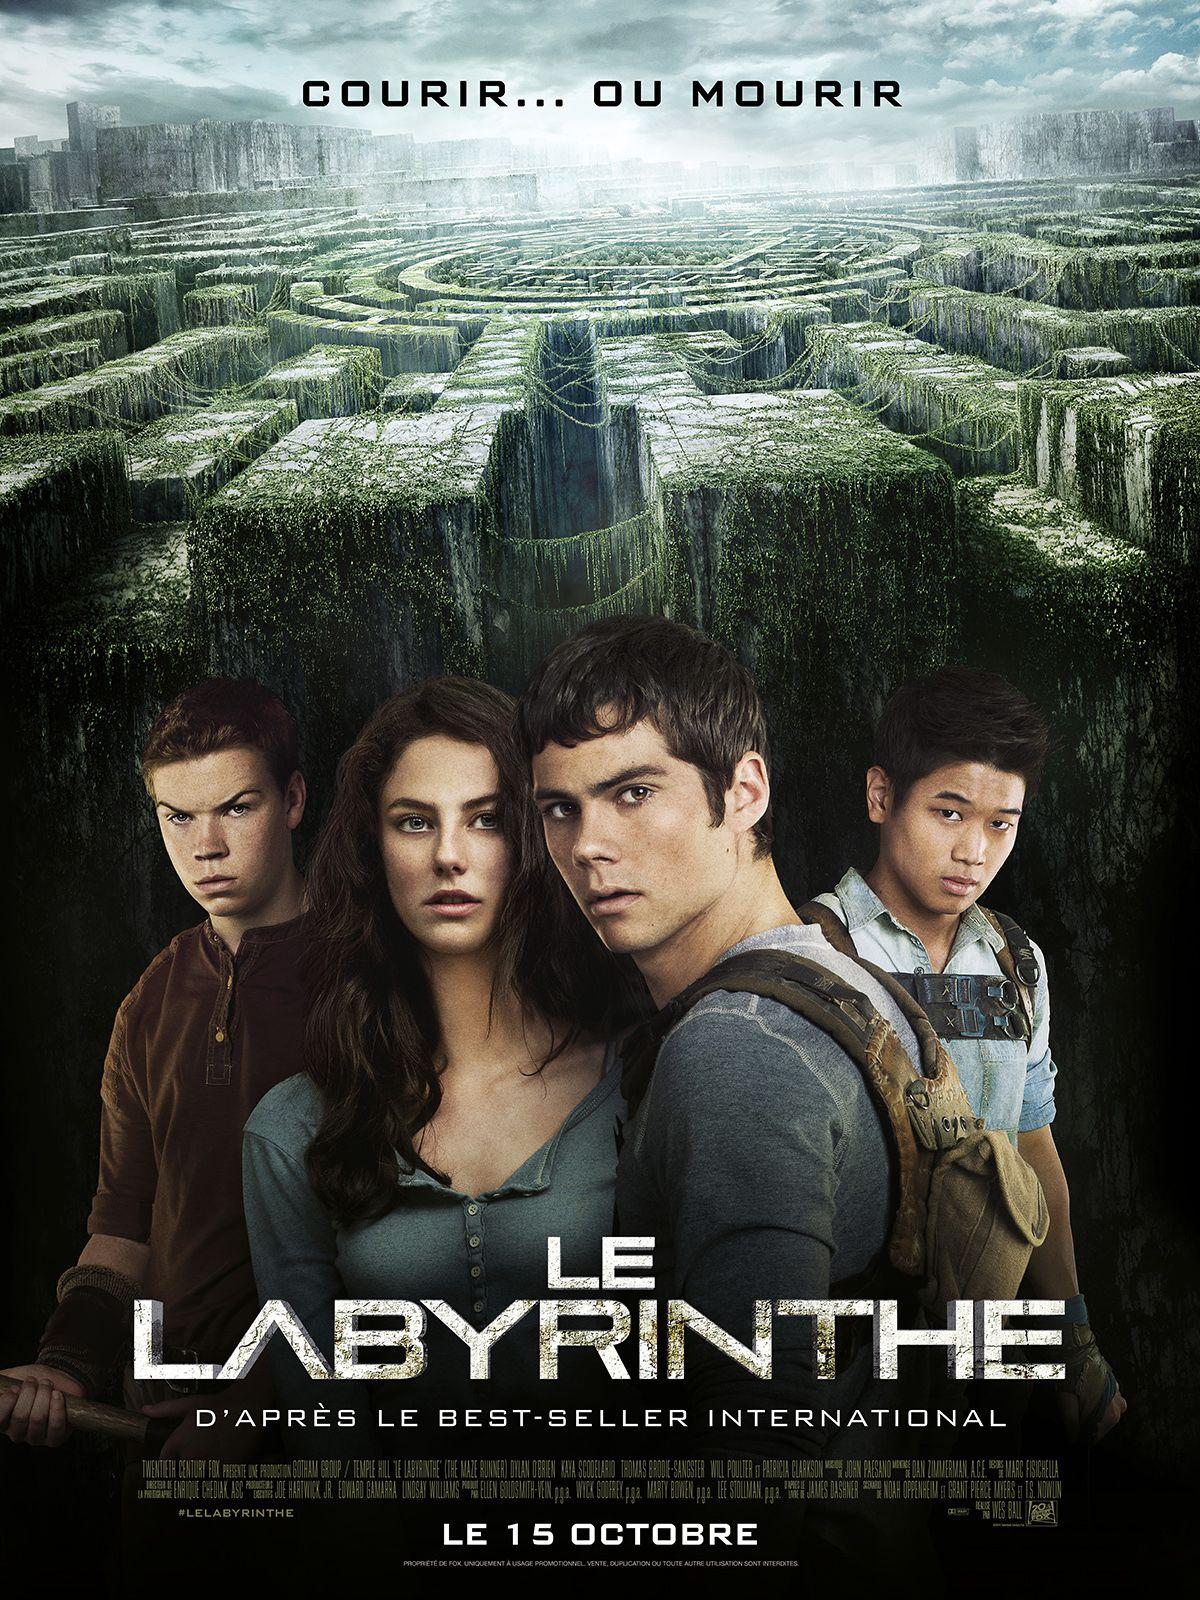 Le Labyrinthe - Film (2014)